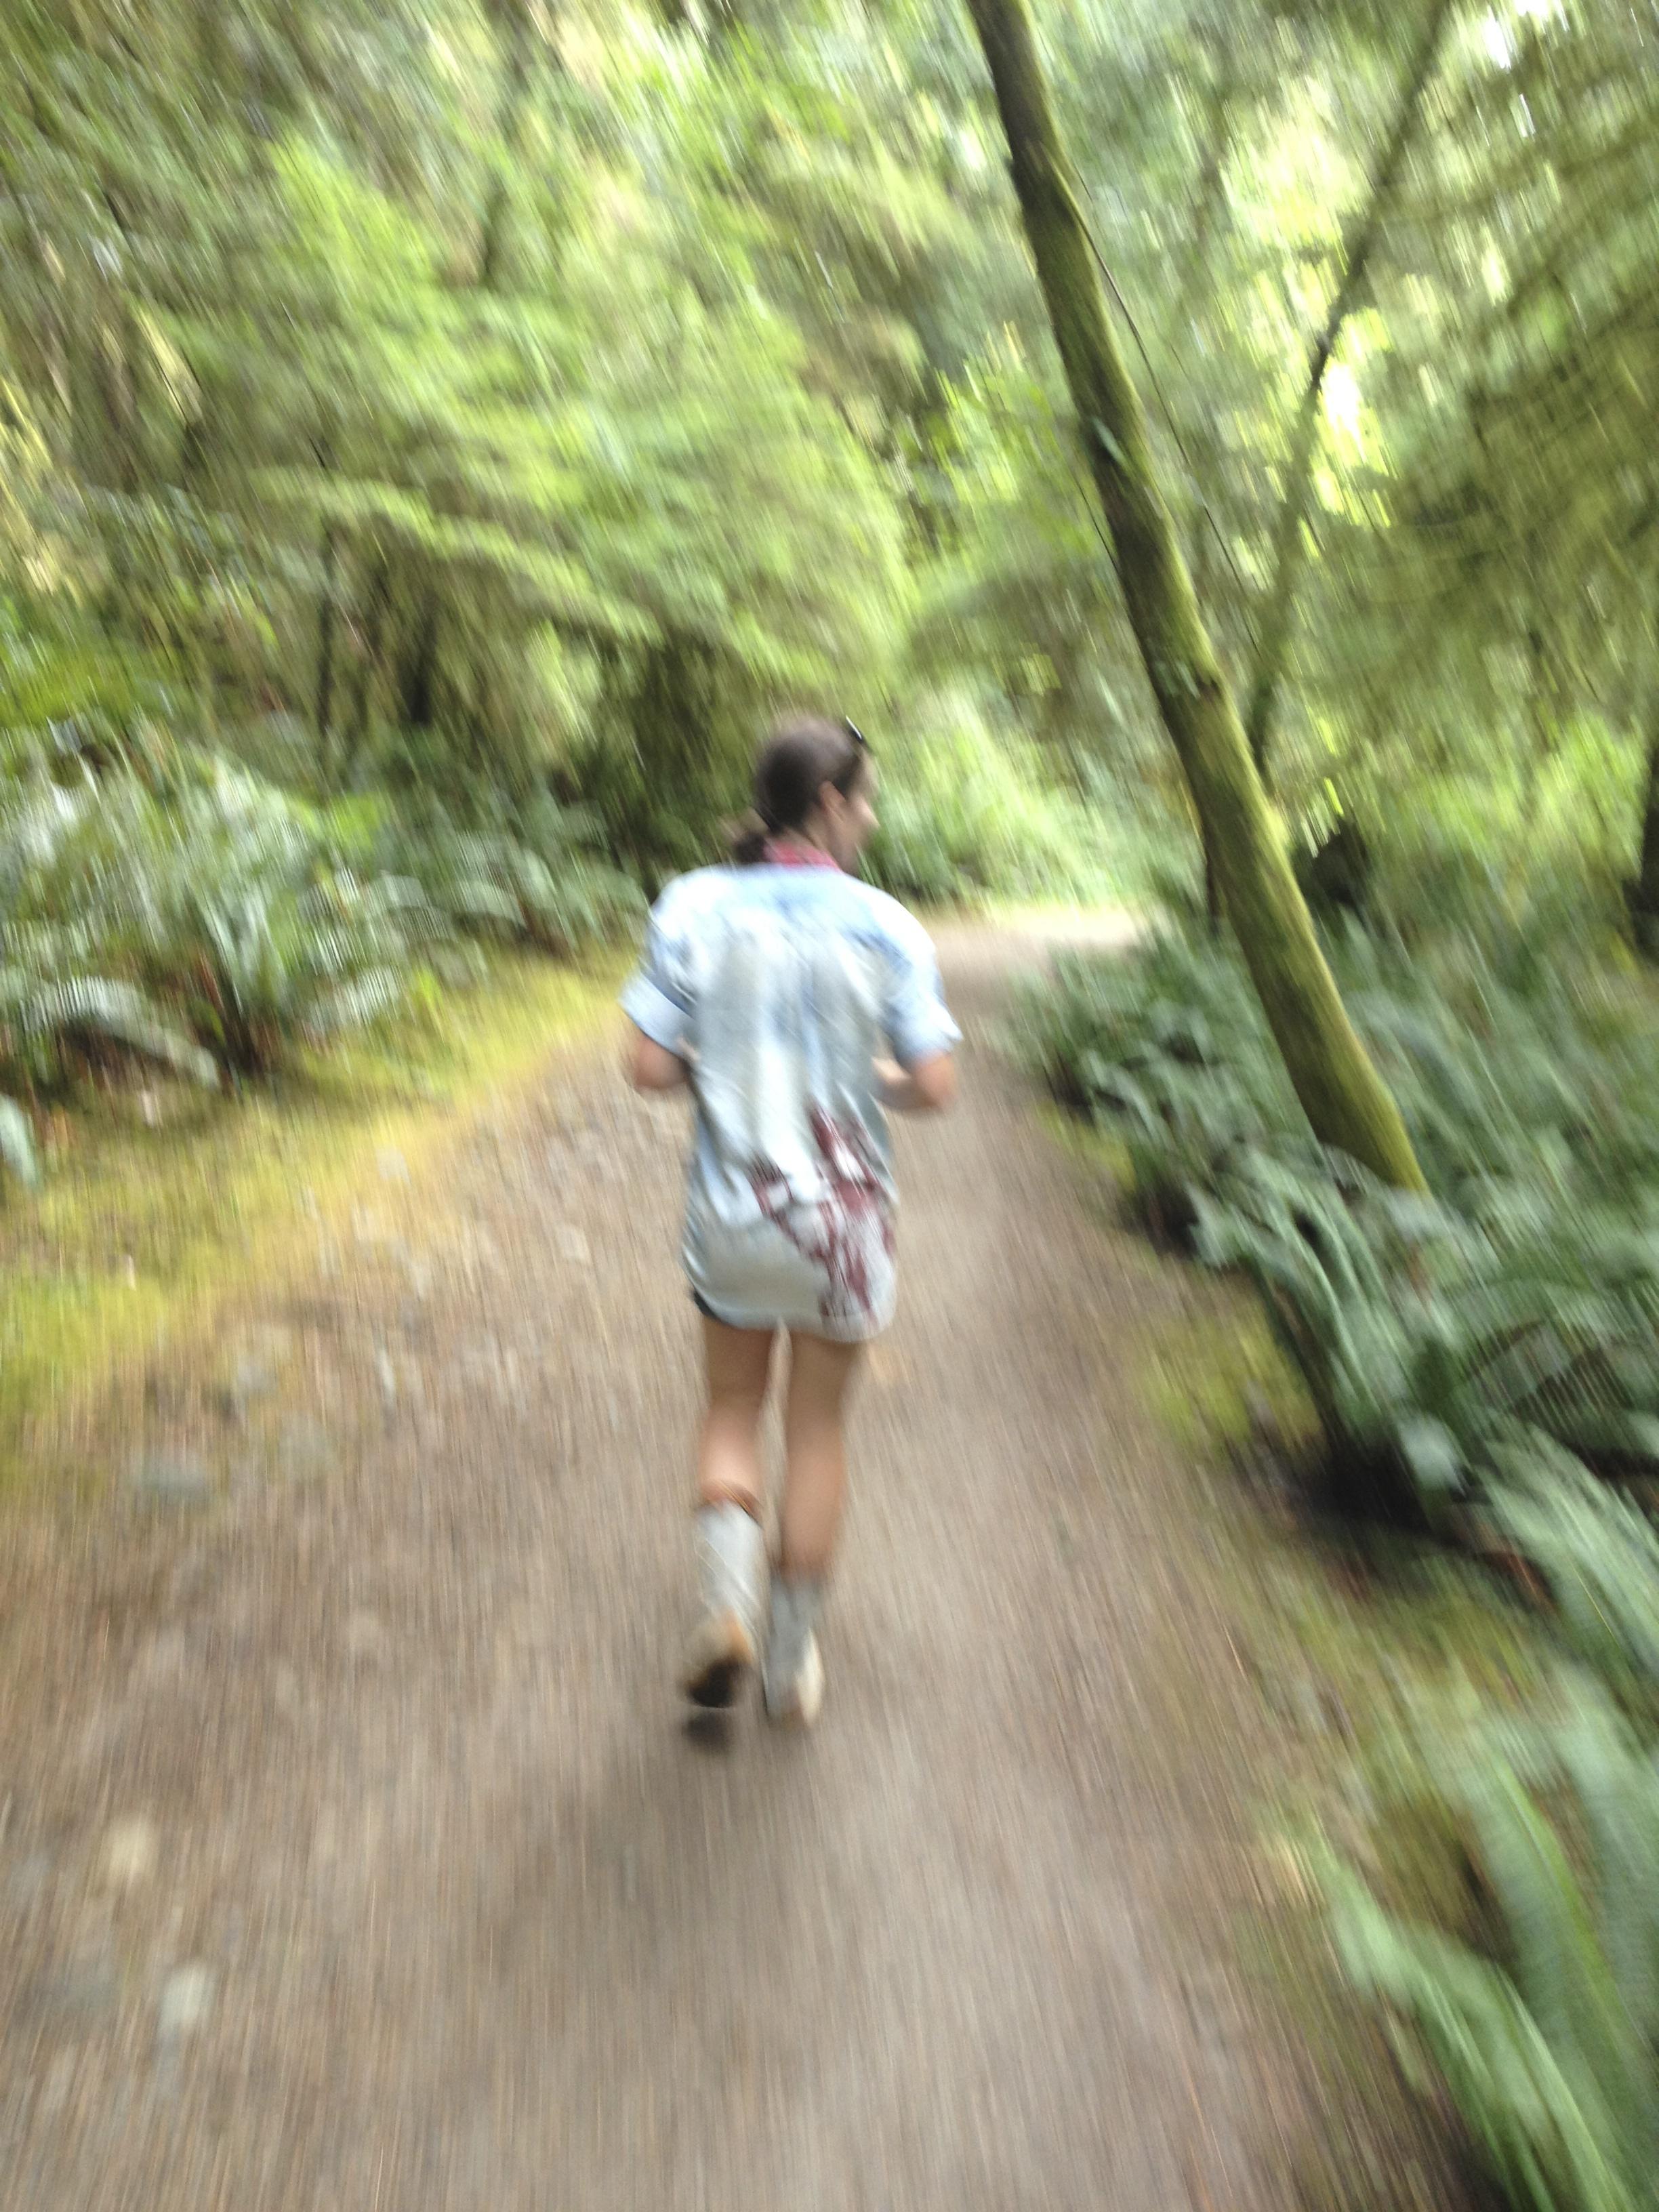 blurrywoods.jpg